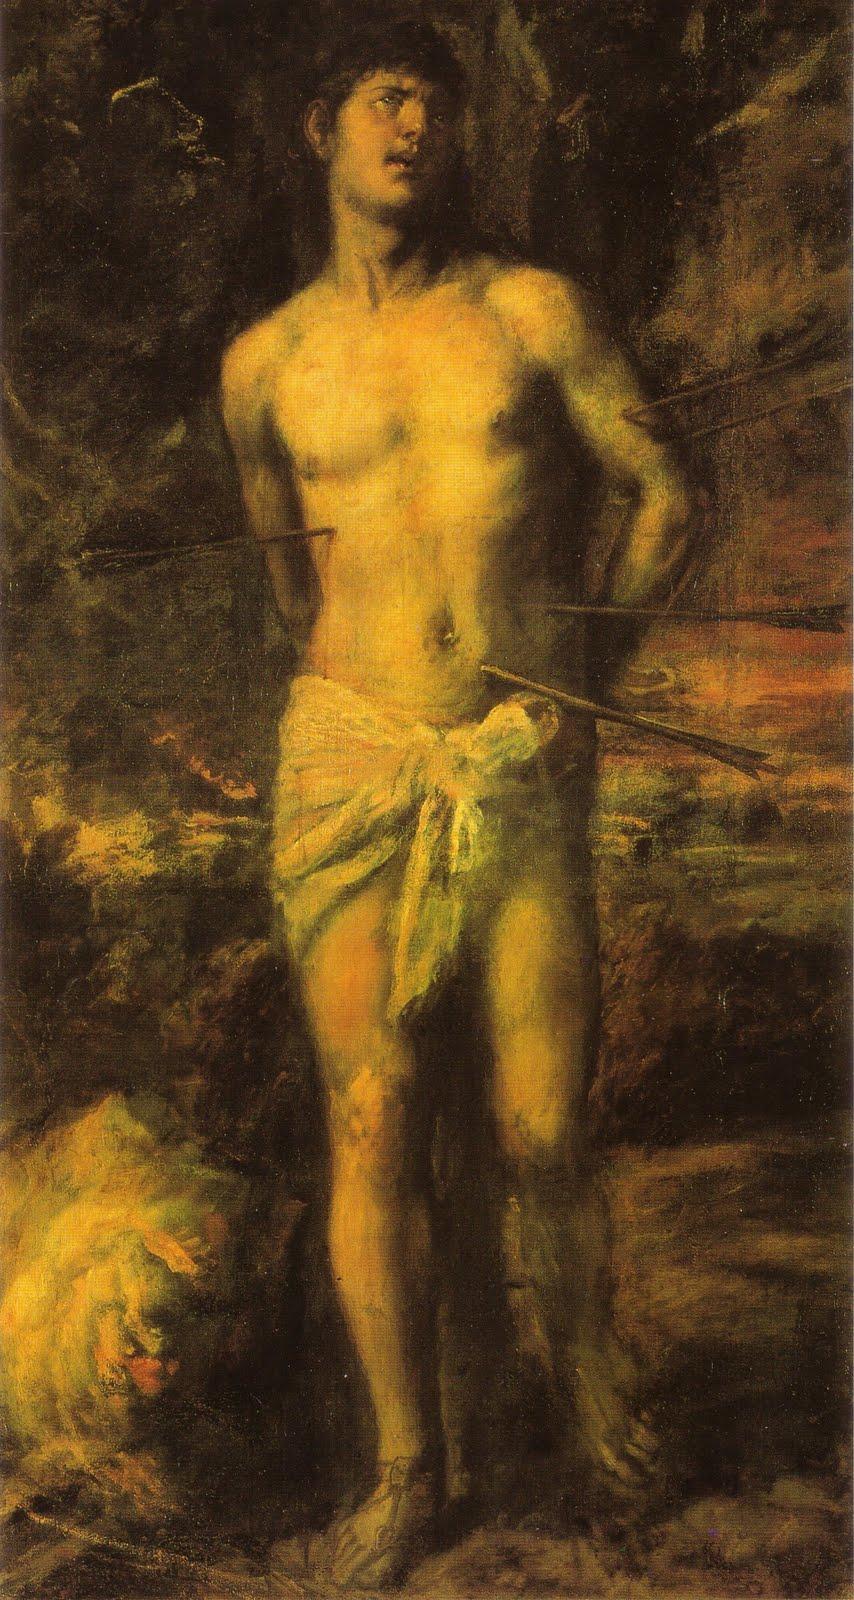 tiziano danae Tiziano vecelli (tiež vecellio, známejší pod menom tizian) ( asi 1477/1490,  pamiatkou na tento pobyt a akousi konfrontáciou s miestnou umeleckou školou sa stalo dielo danae (v zbierkach neapolského musea di capodimonte), namaľované na objednávku rodu farnese.